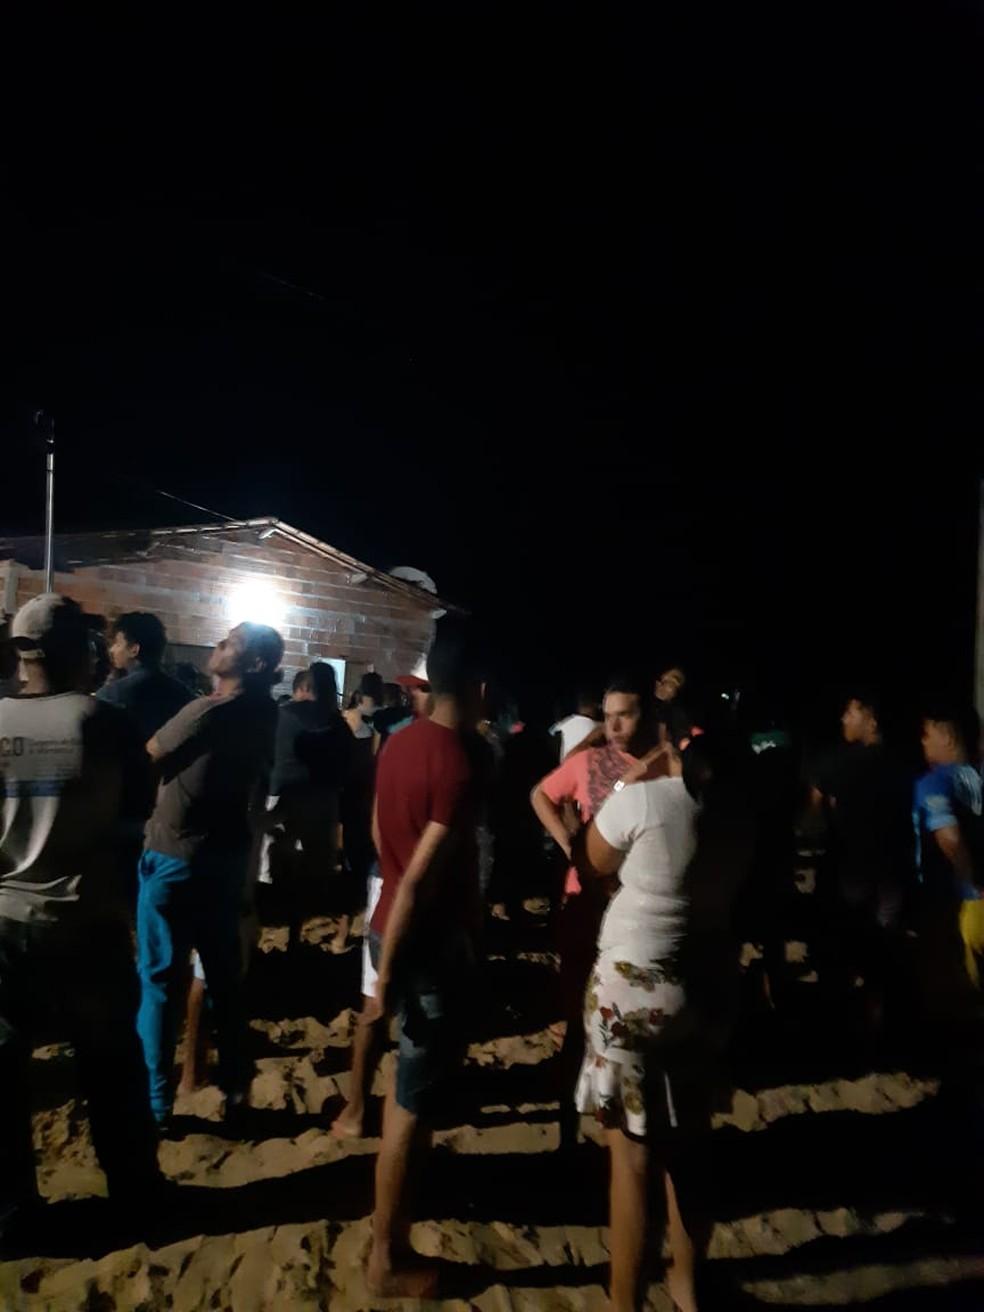 Presença da polícia no local atraiu muitos curiosos na noite desta quarta-feira (24) — Foto: Reprodução